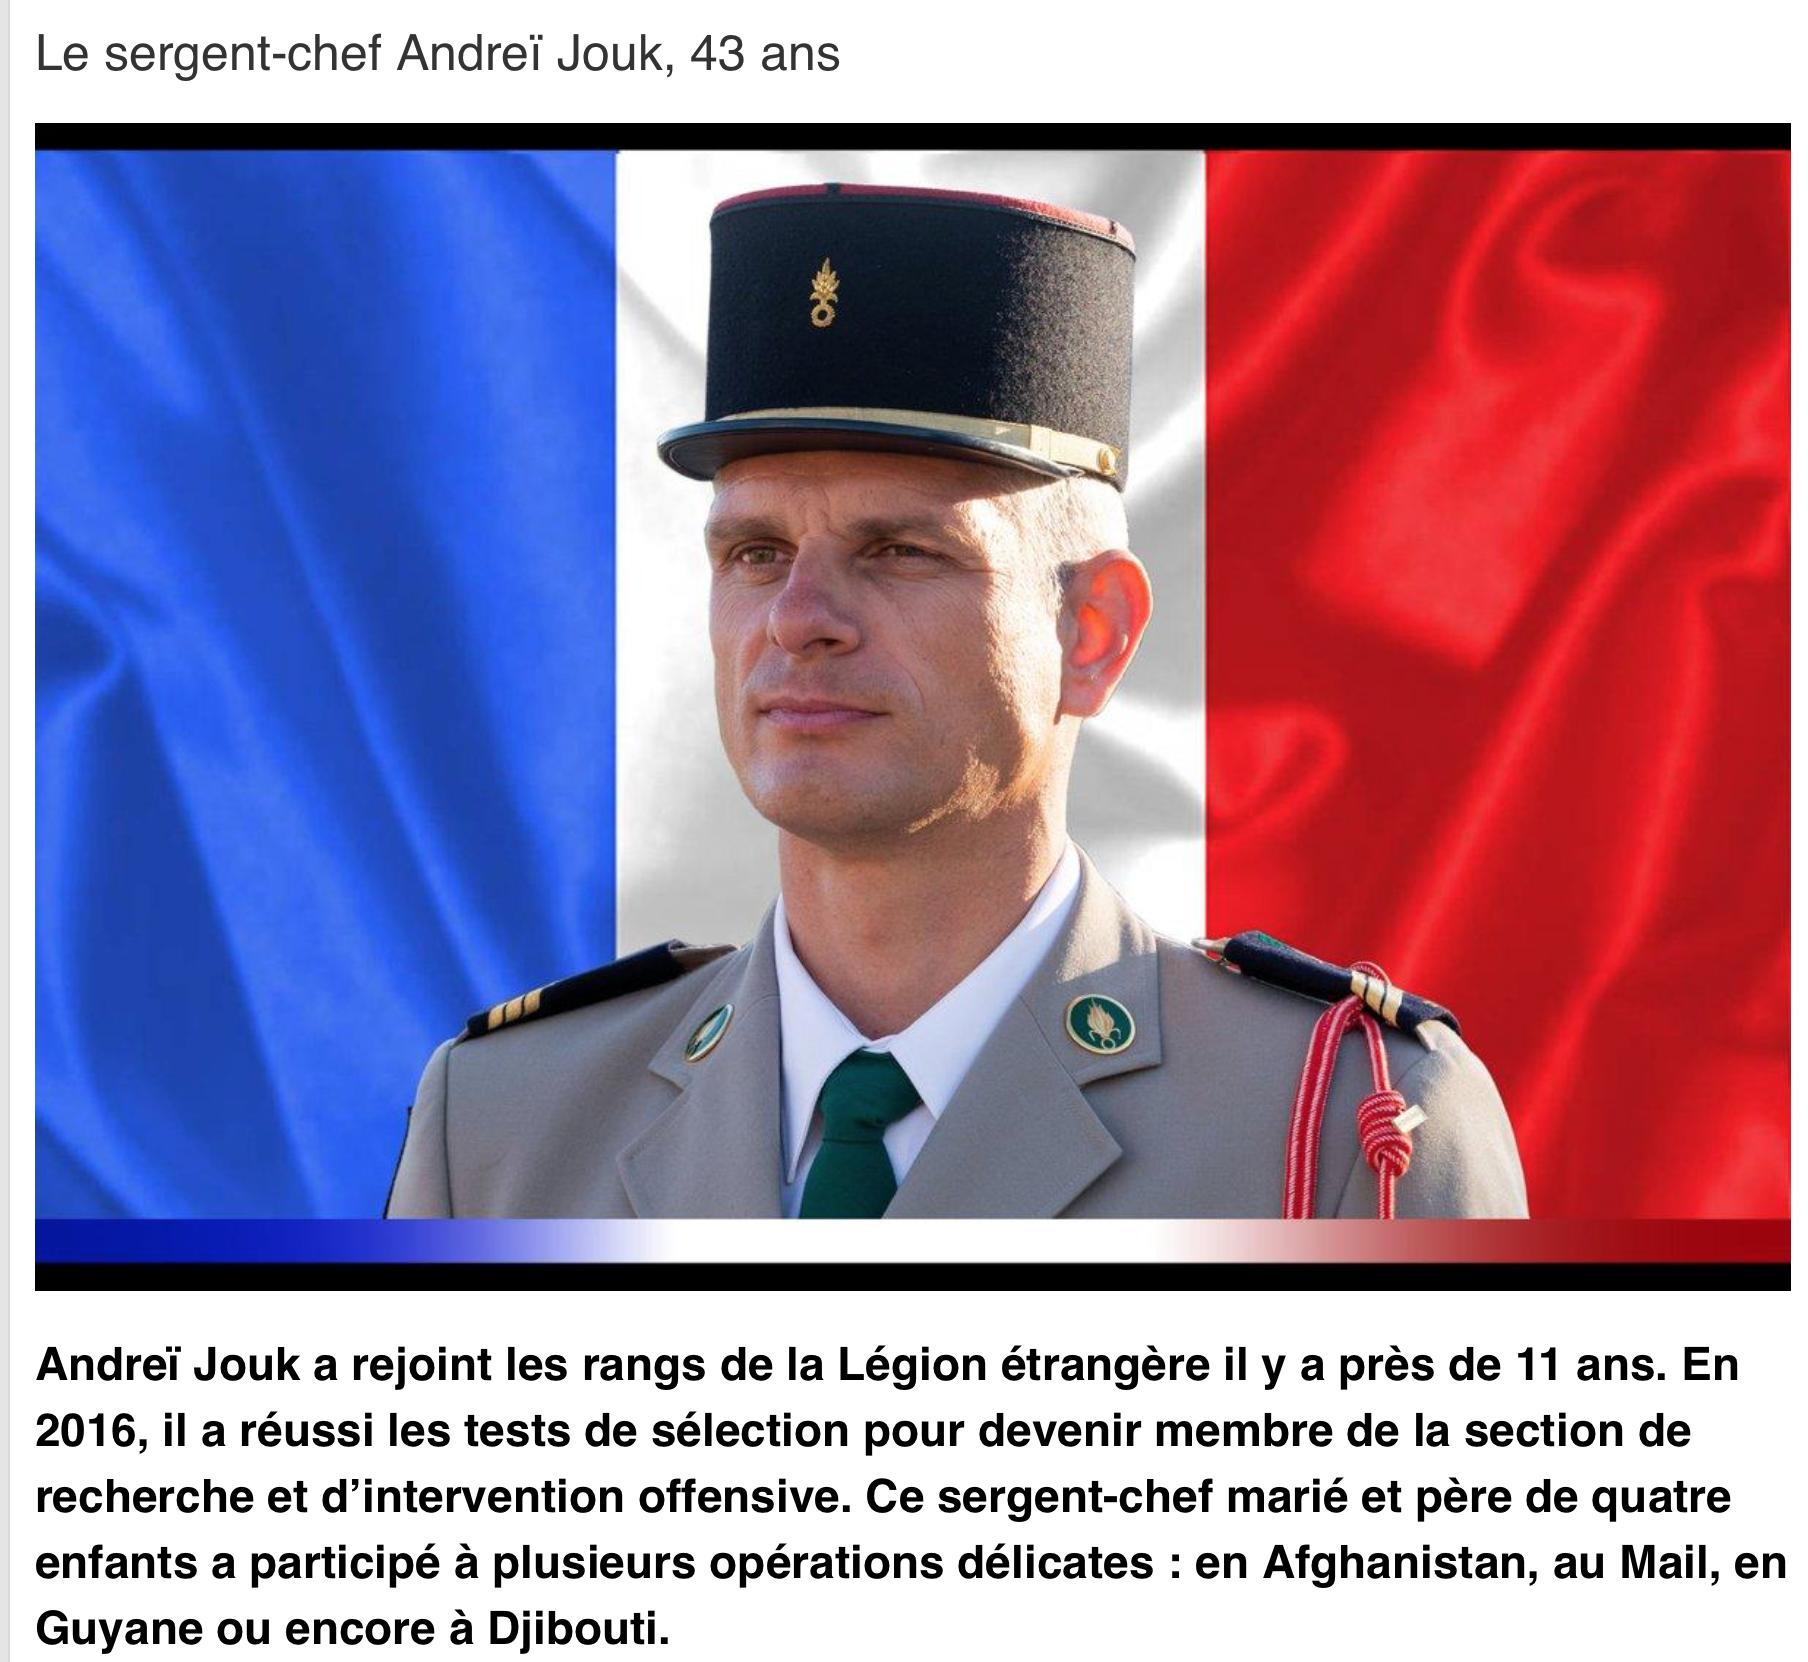 Pierre Cassen : l'hommage de Macron à nos 13 soldats sonnera faux (video)